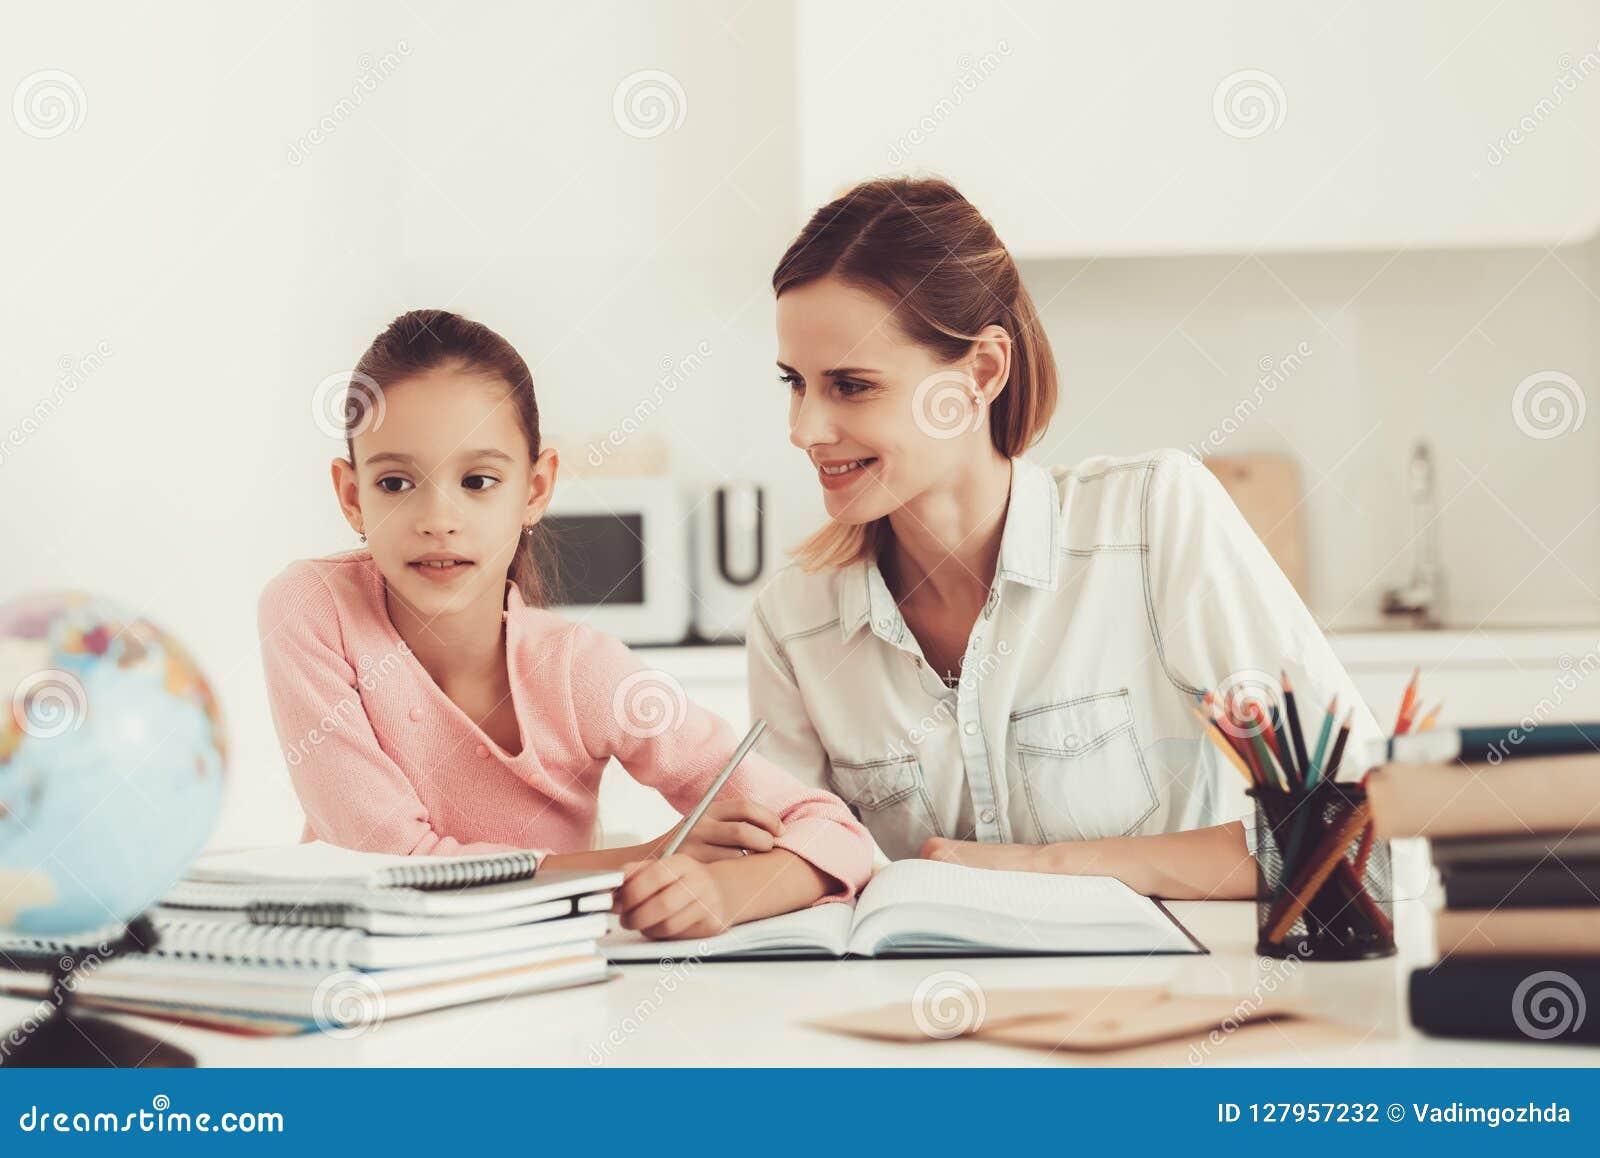 Fille daides de maman pour faire des devoirs dans la cuisine photo